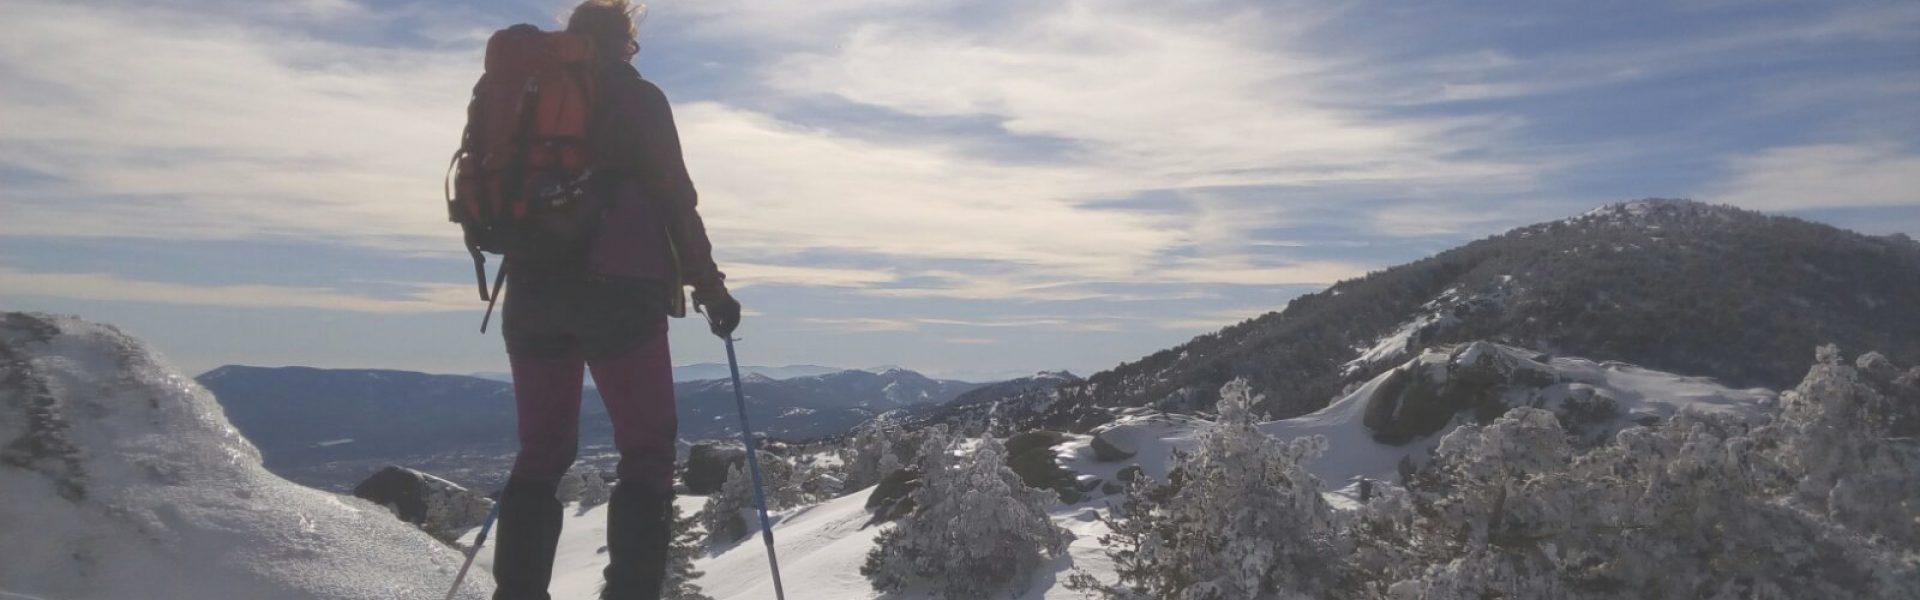 turismo-activo-la-tormenta-excursion-nieve_02